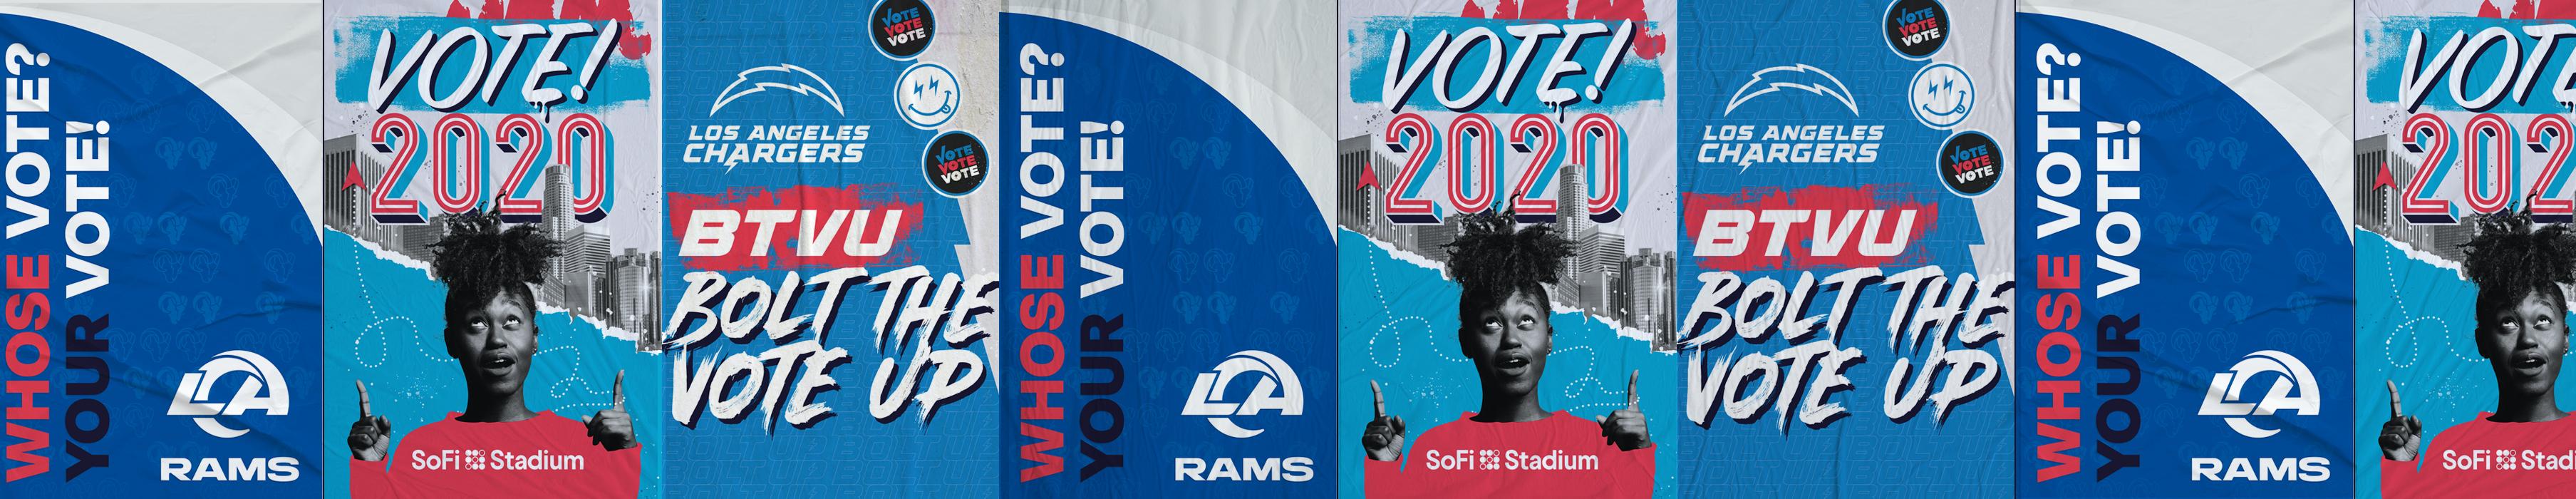 SoFi Stadium Vote Center